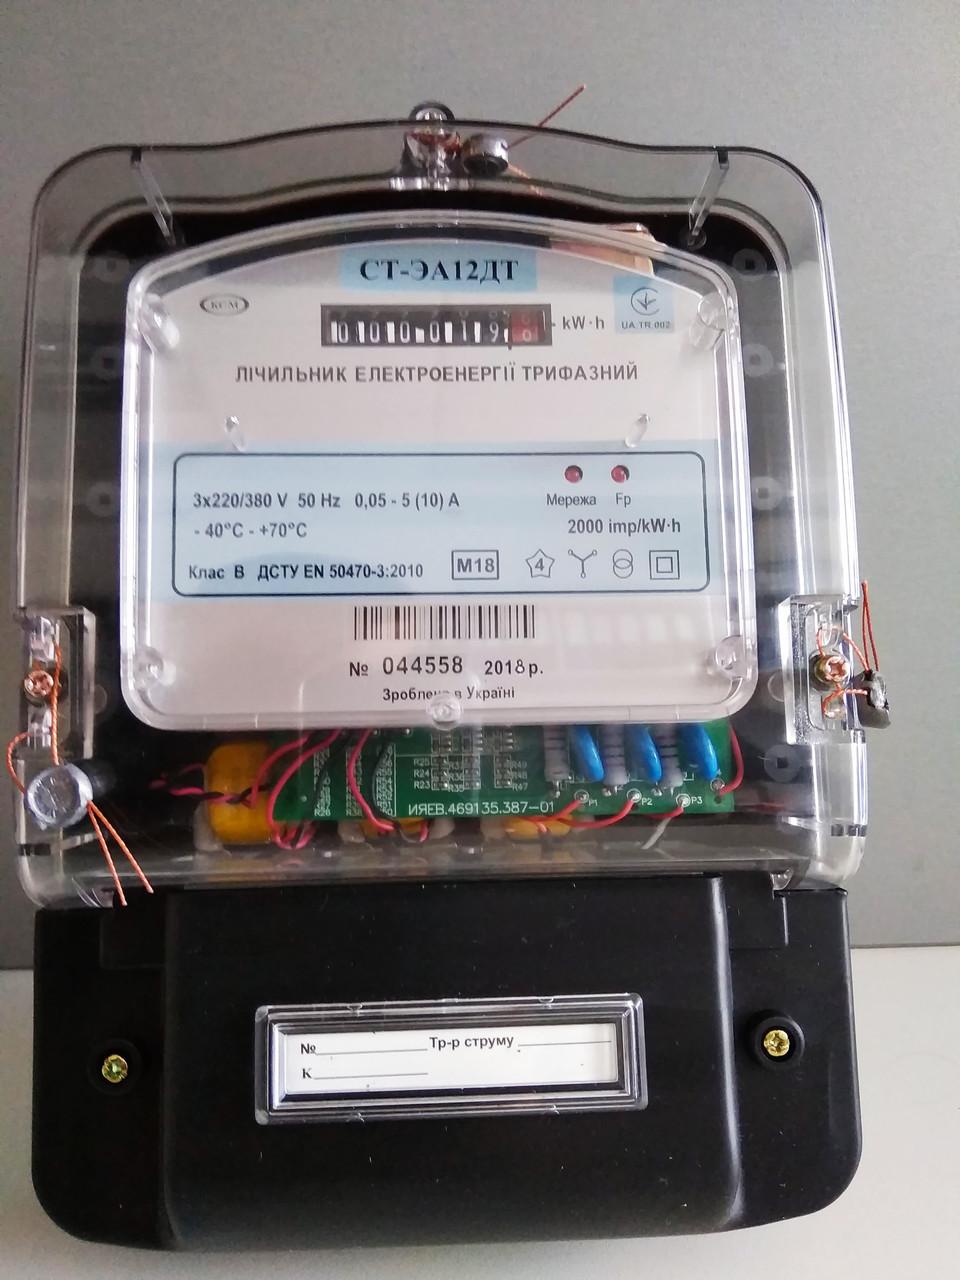 Трифазний лічильник електричної енергії СТ-ЭА12ДТ 3х220/380В 5(10)А трансформаторні (Комунар)